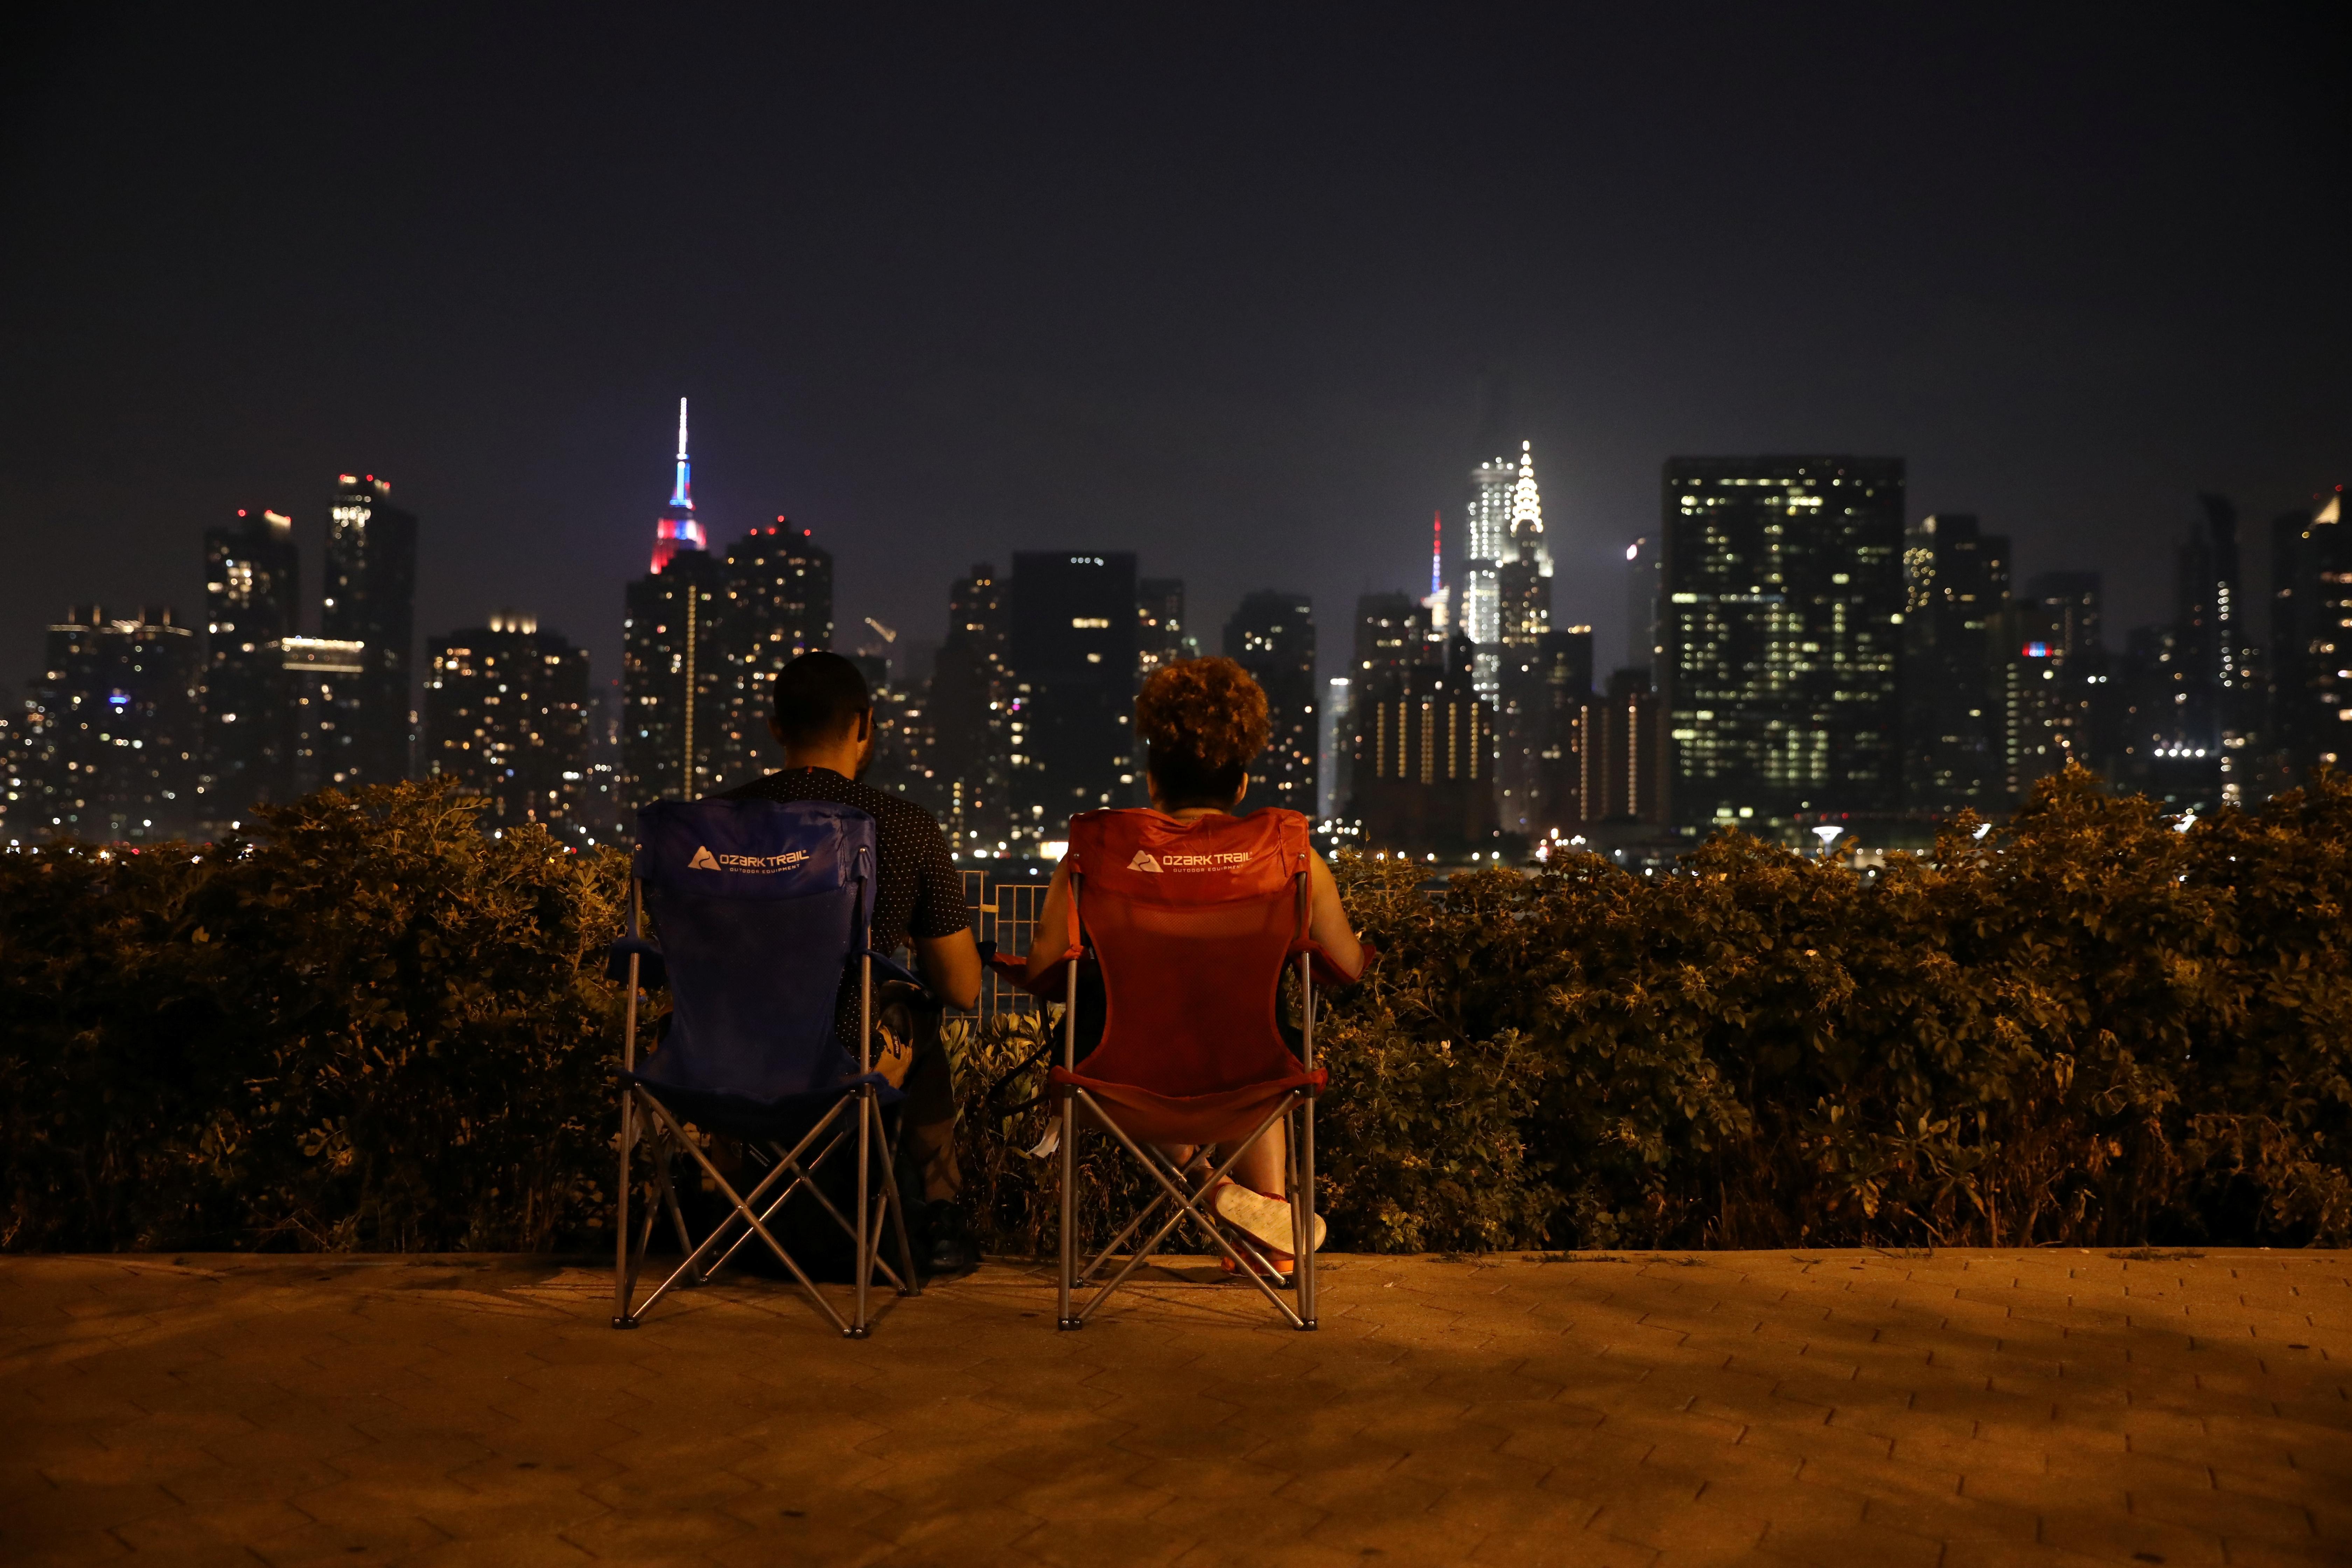 Una pareja mira sentados los fuegos artificiales